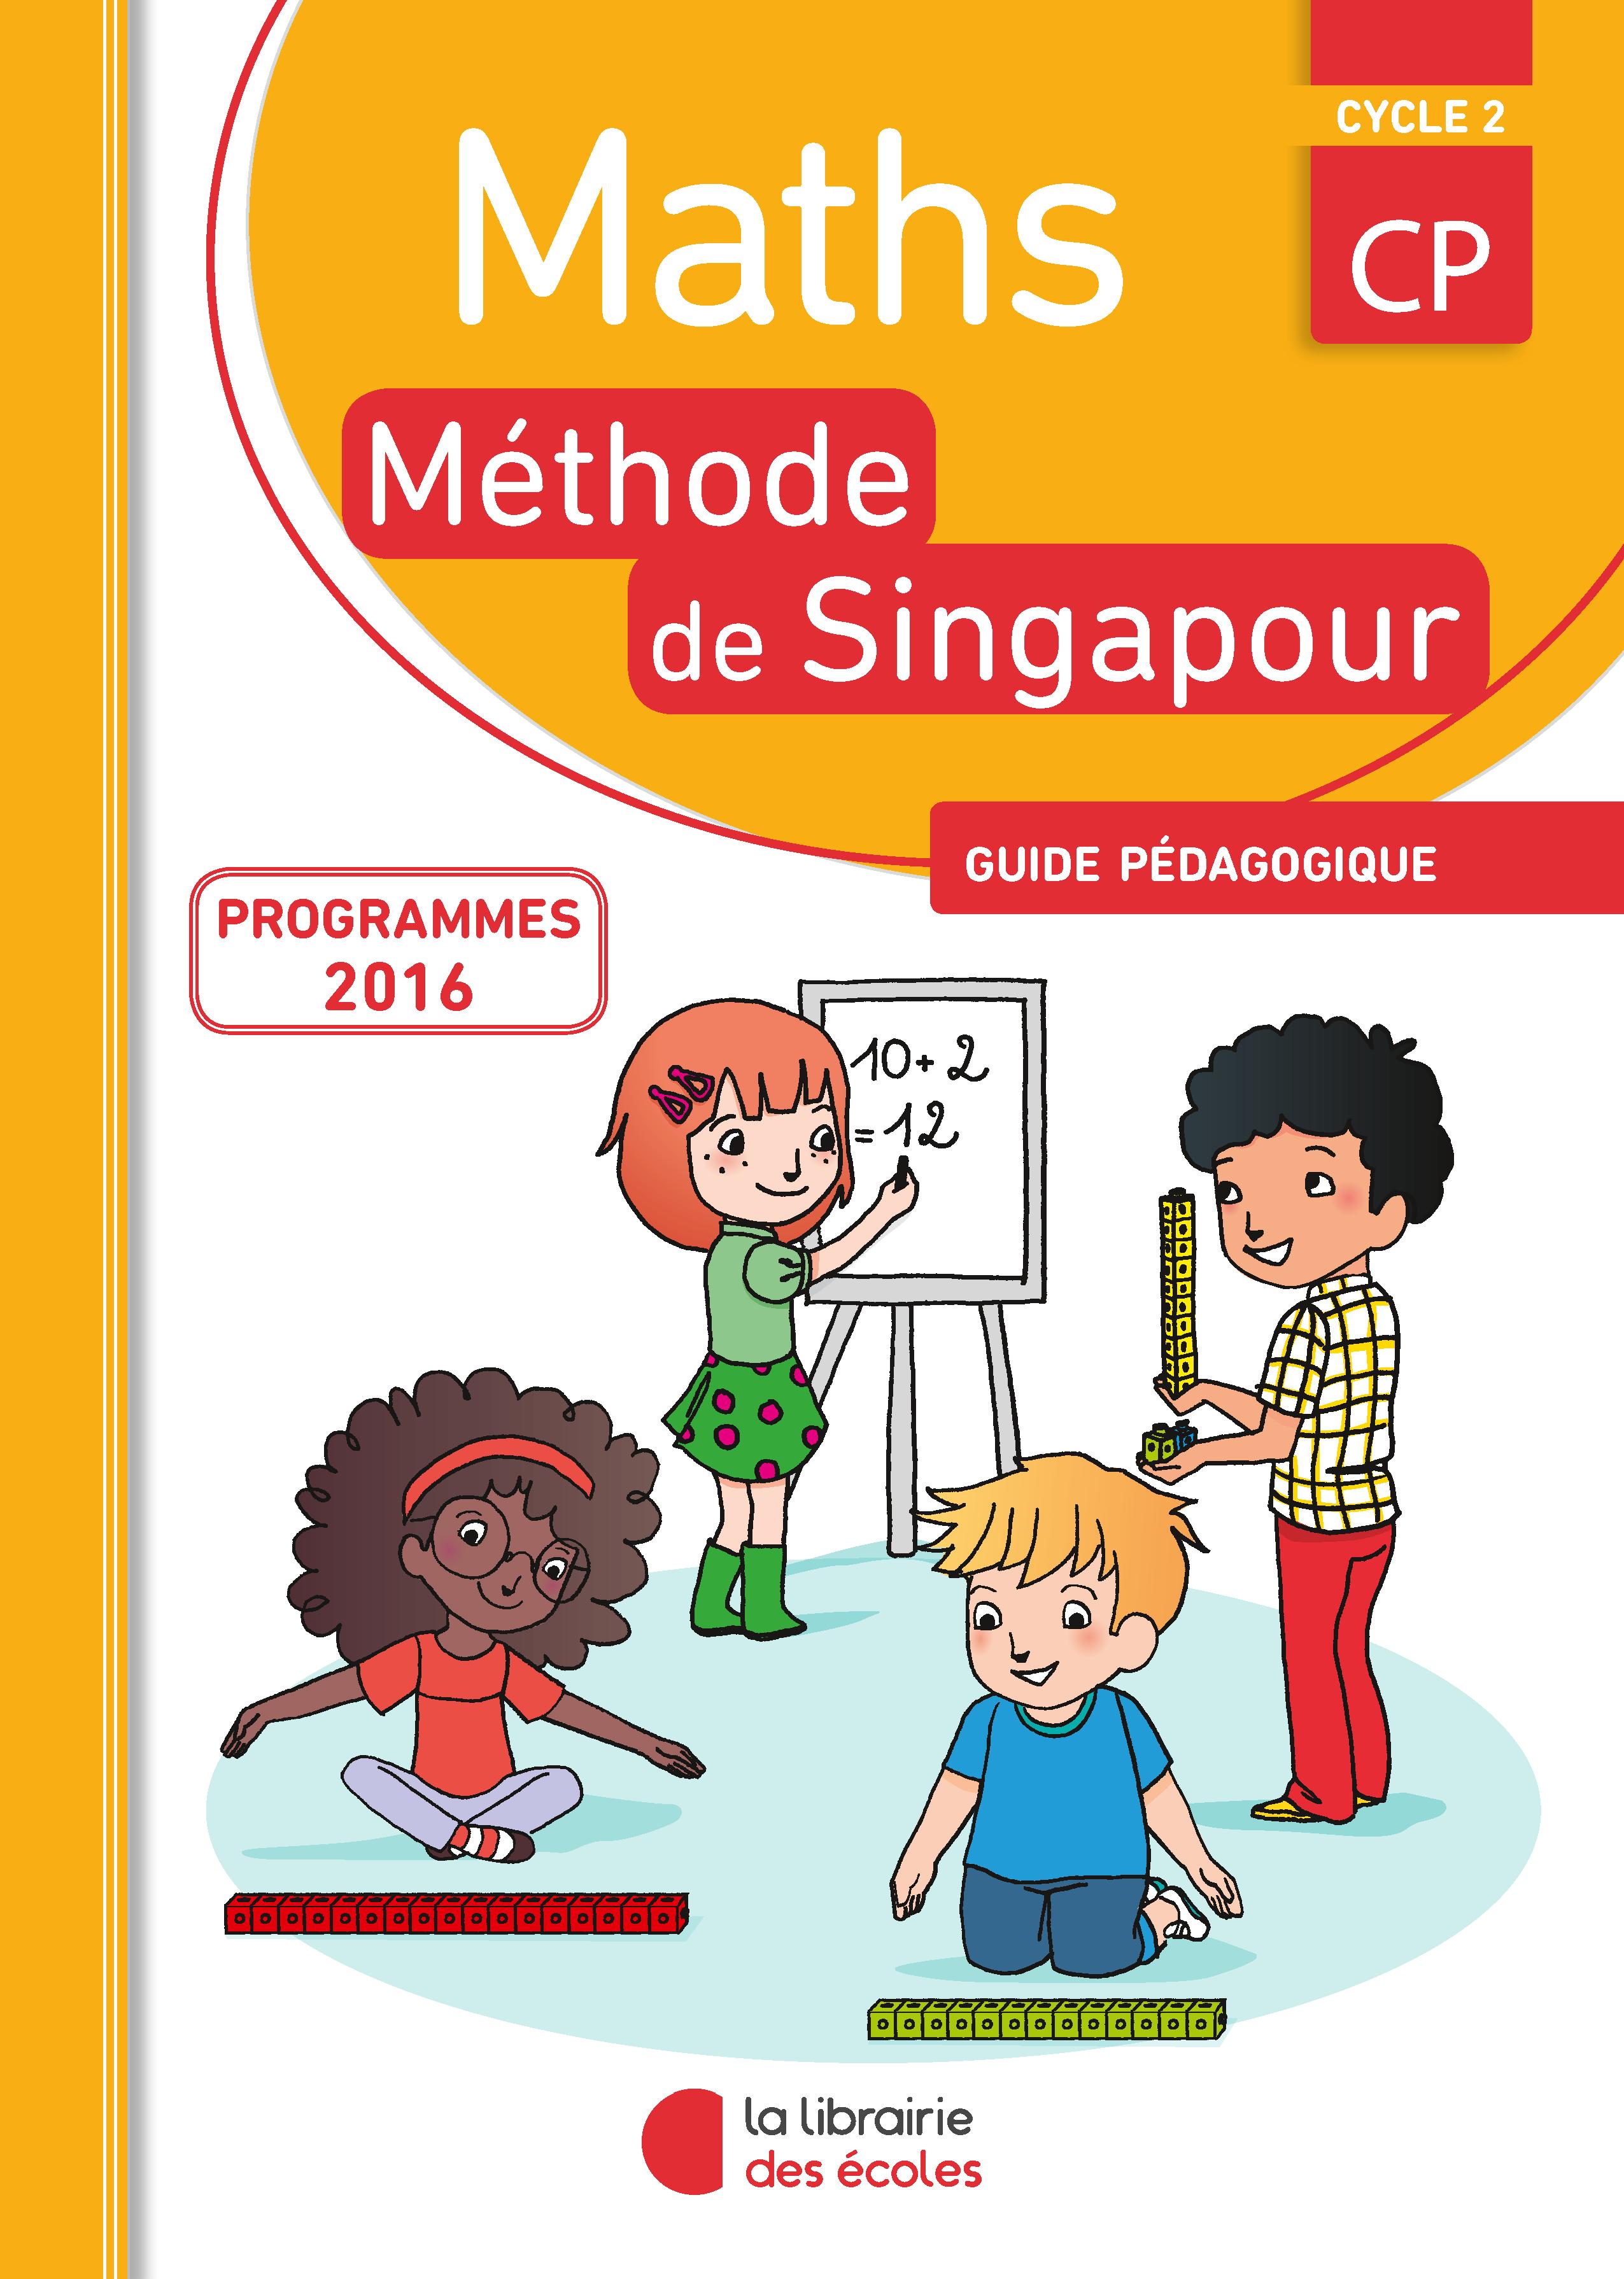 m u00e9thode de singapour - guide p u00e9dagogique cp -  u00c9dition 2016